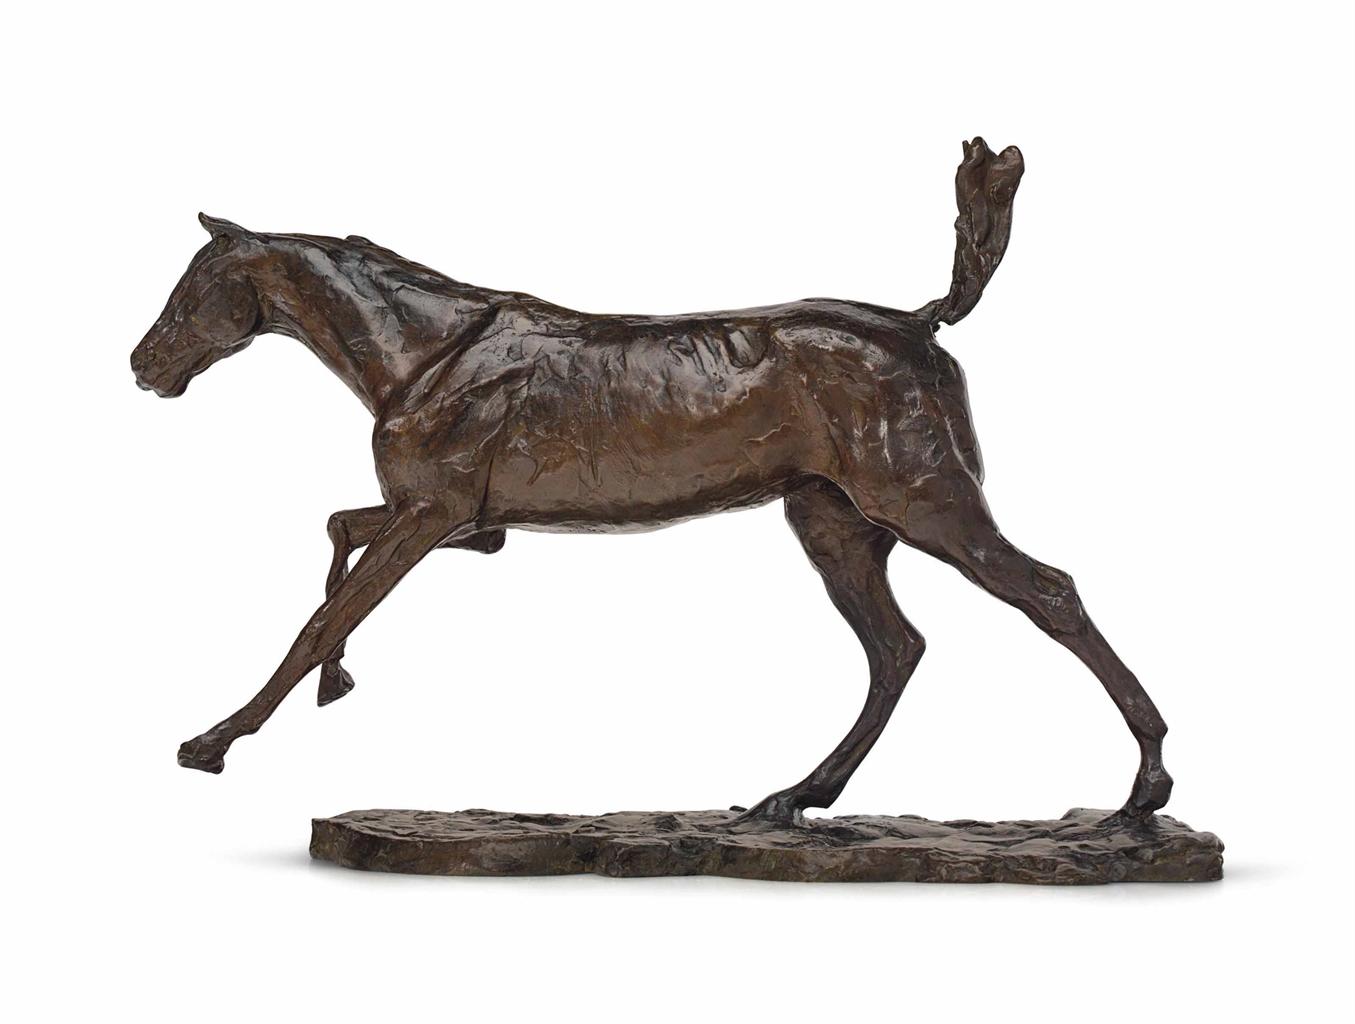 Edgar Degas-Cheval au galop sur le pied droit-1889